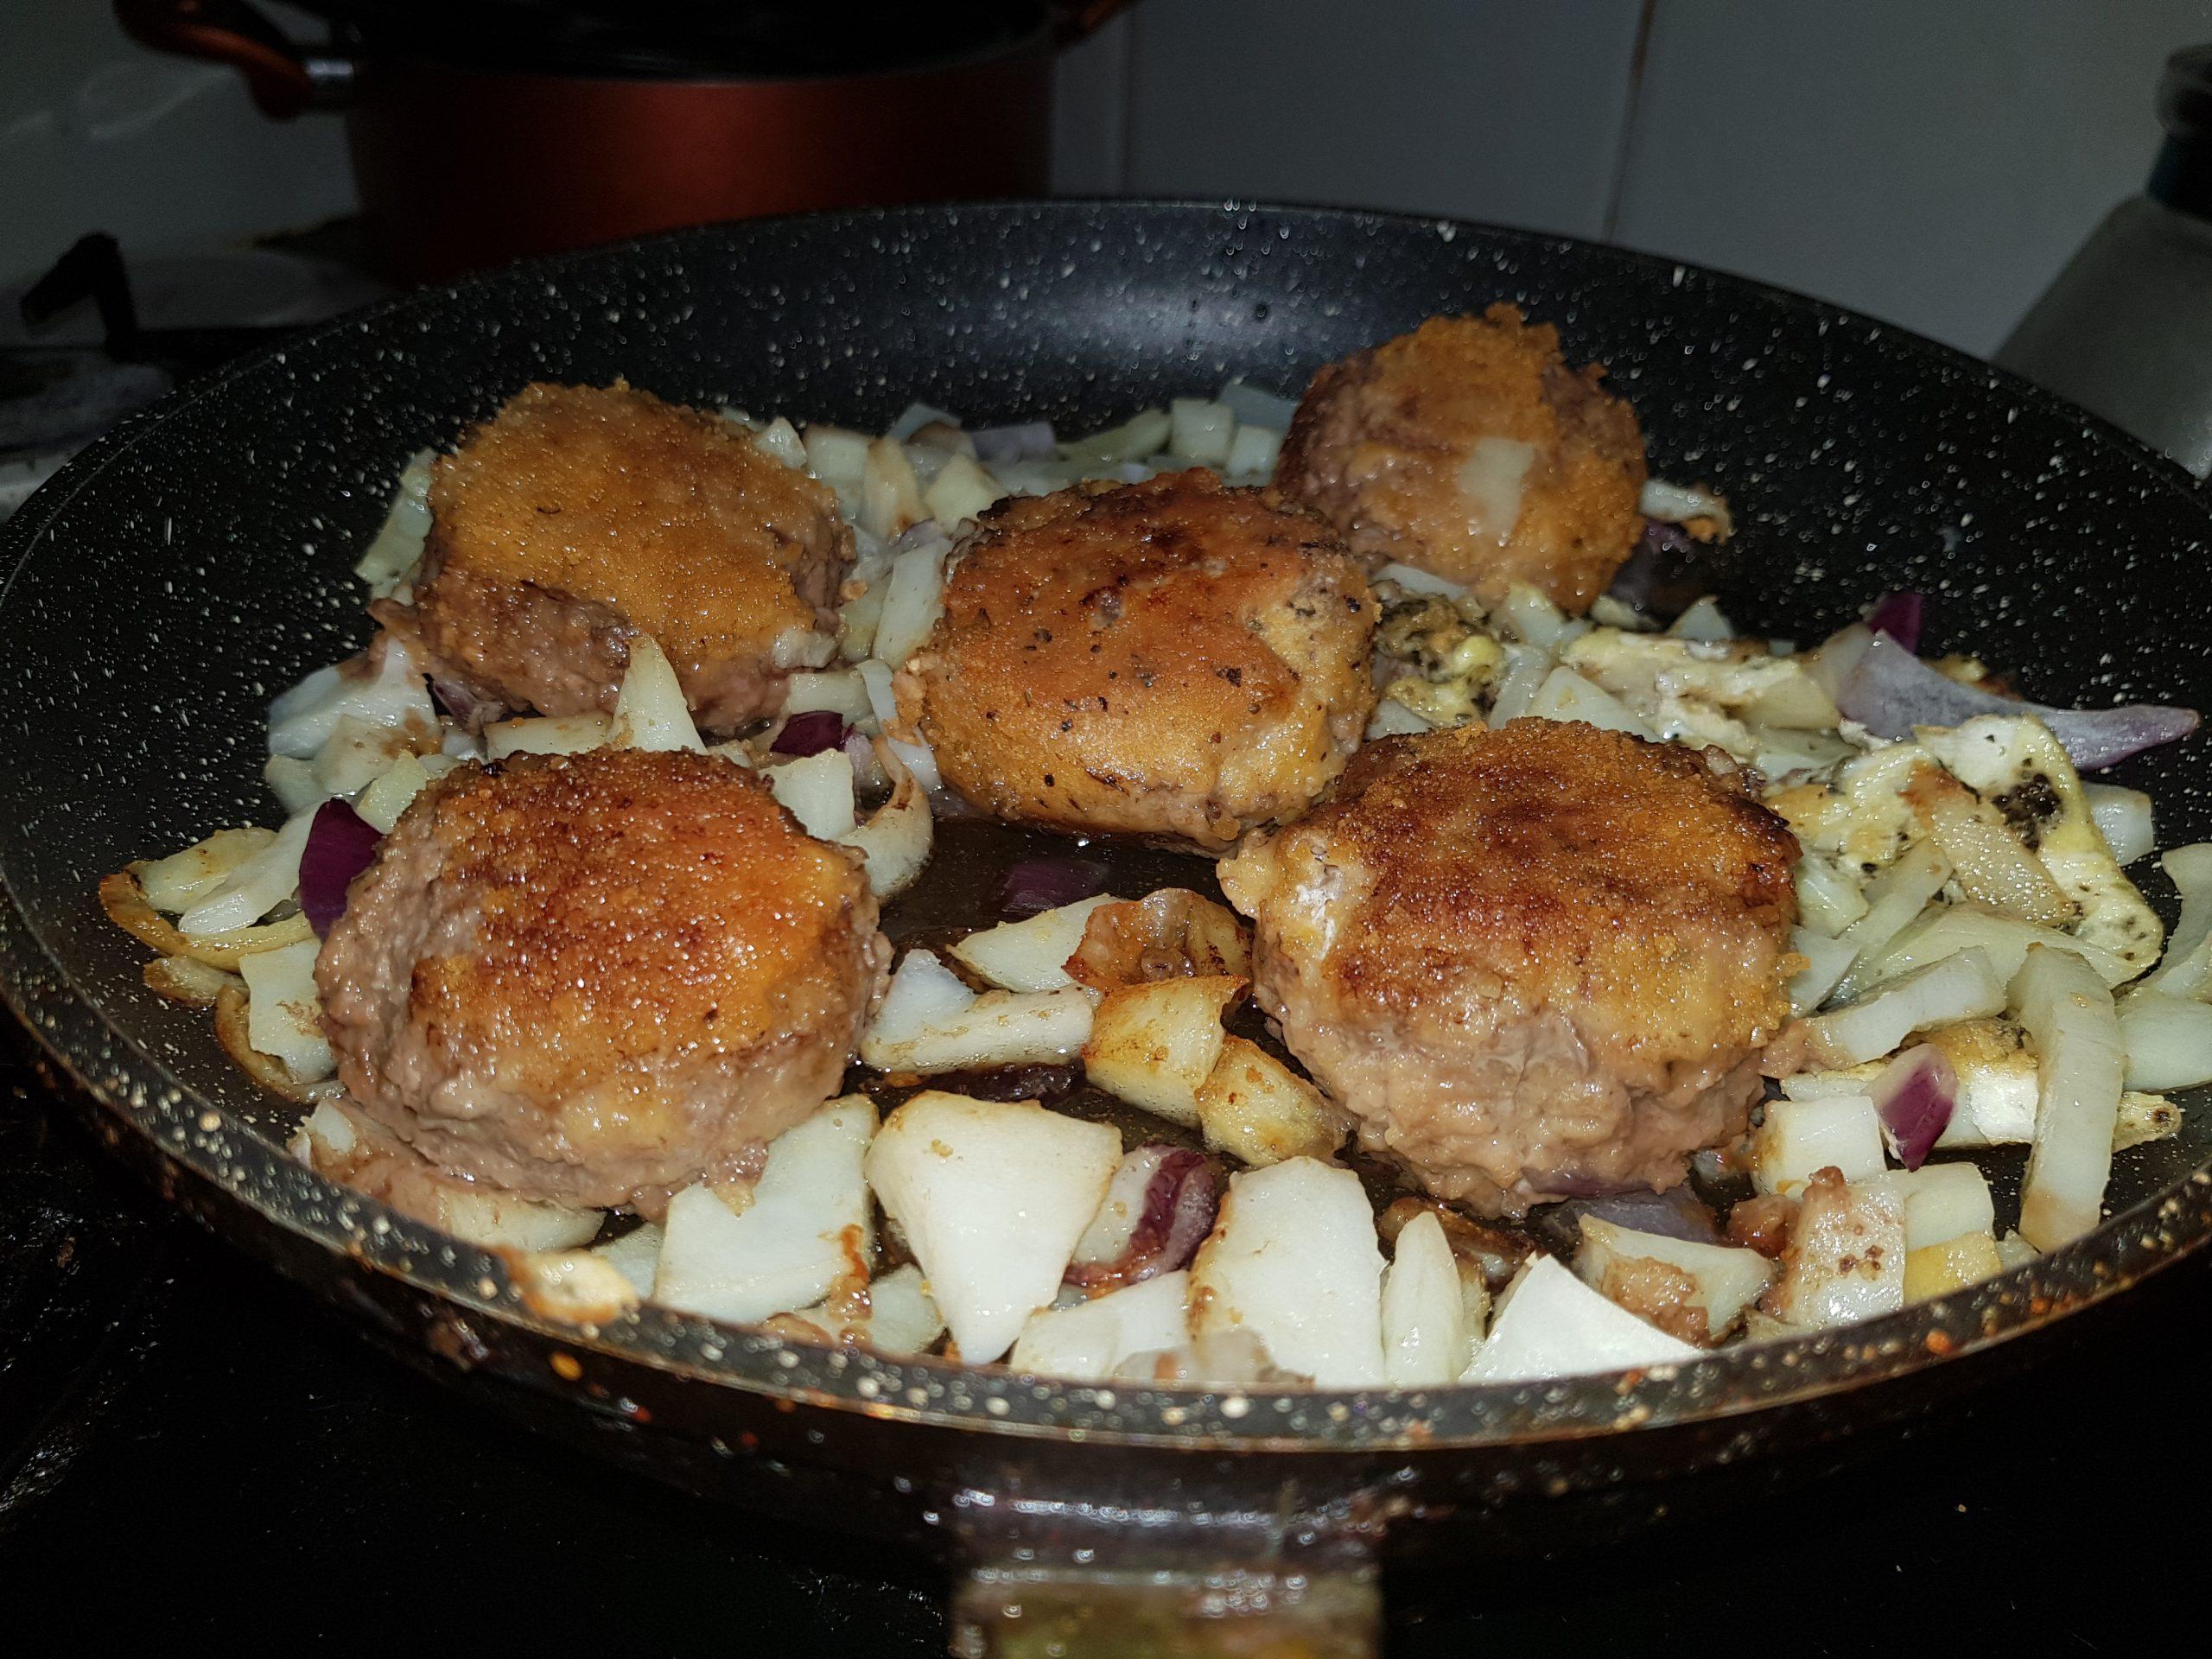 קציצות מטוגנות עם תפוחי אדמה ובצל